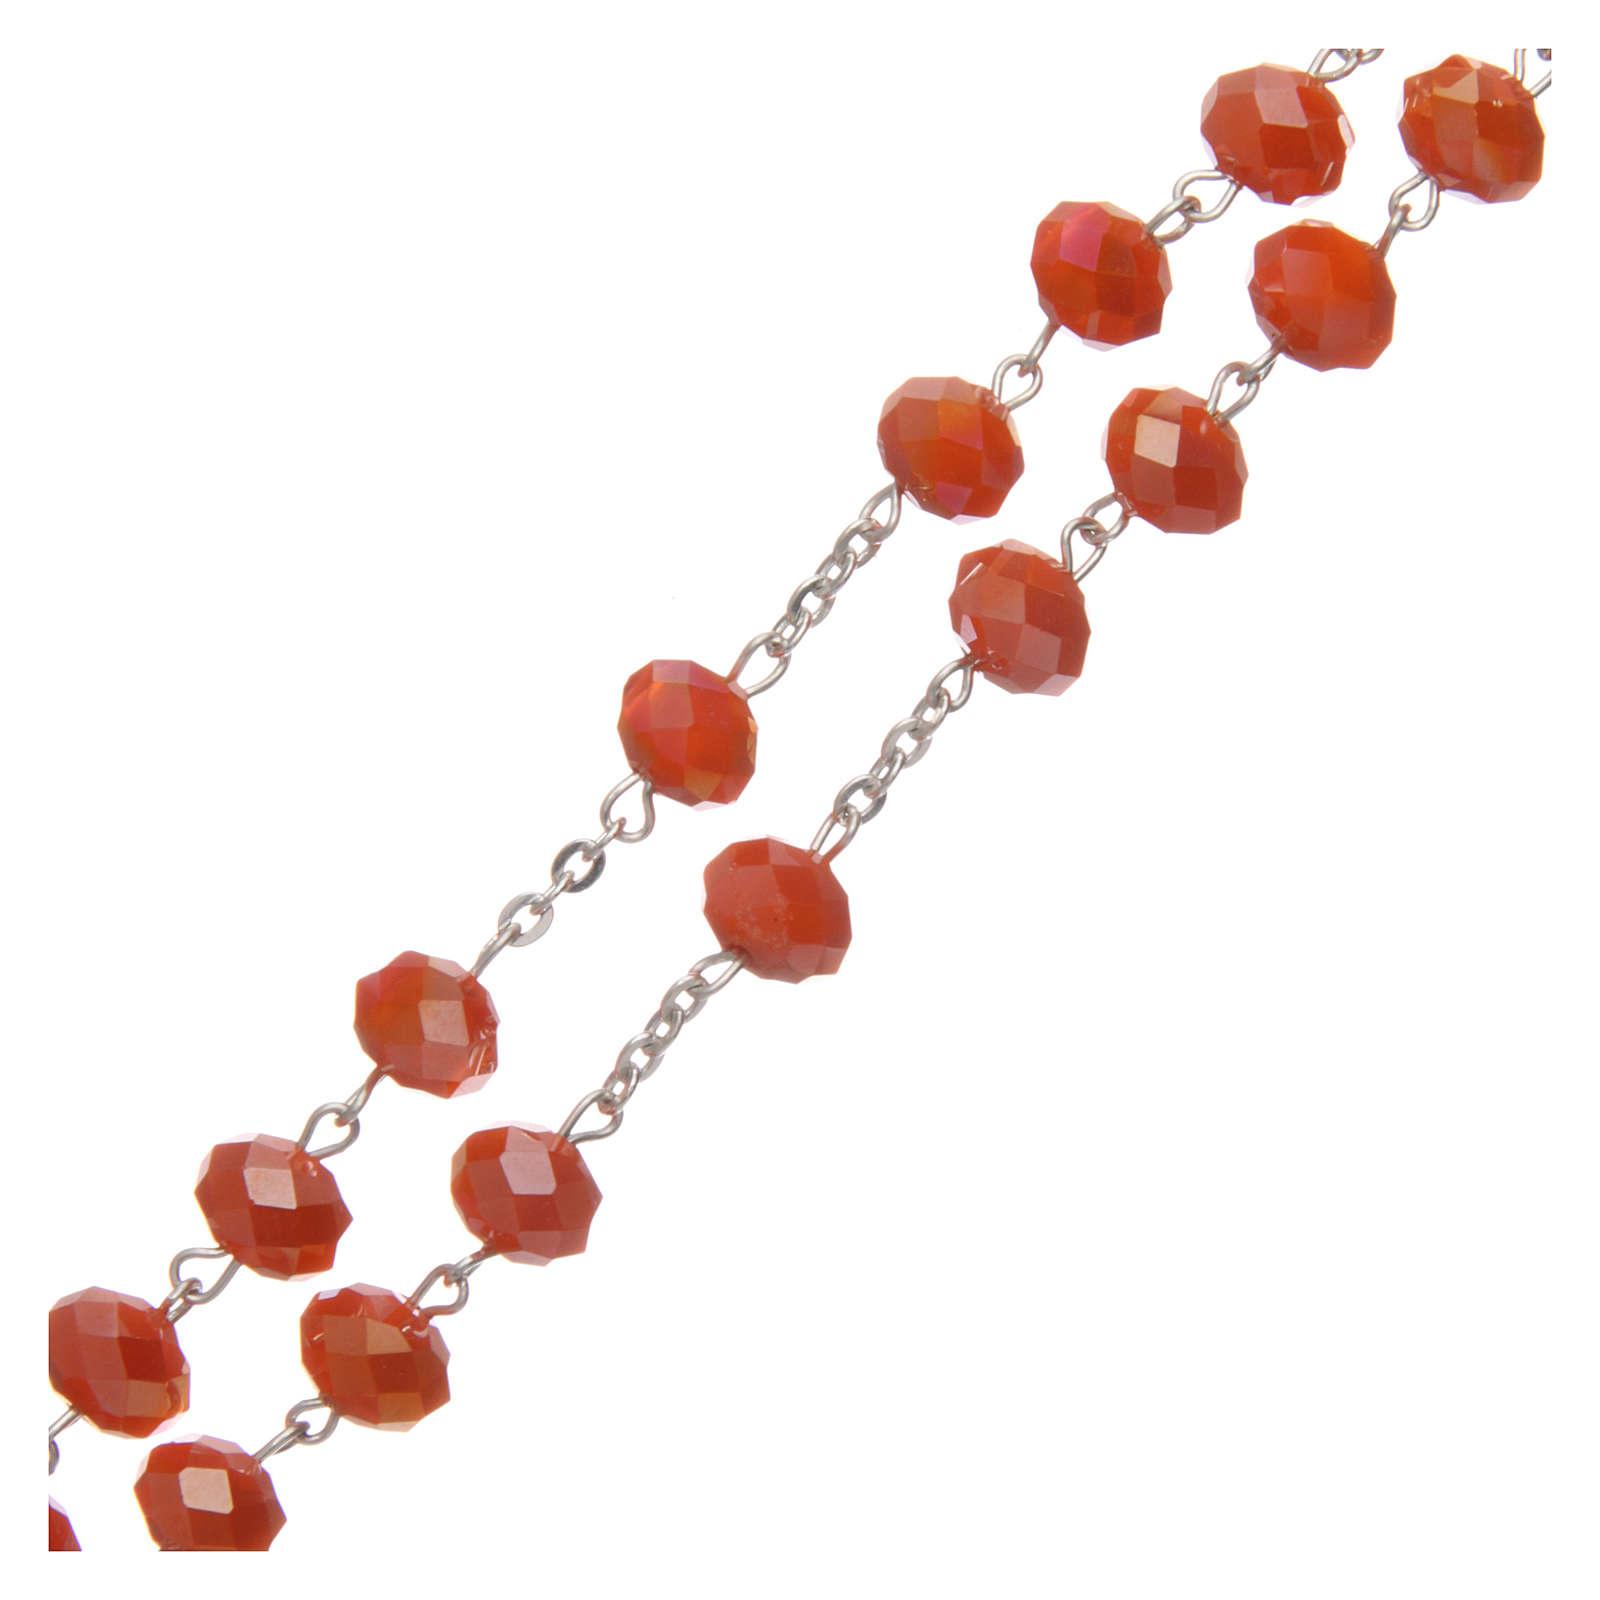 Rosario cristallo opaco arancio 6 mm legatura argento 925 4